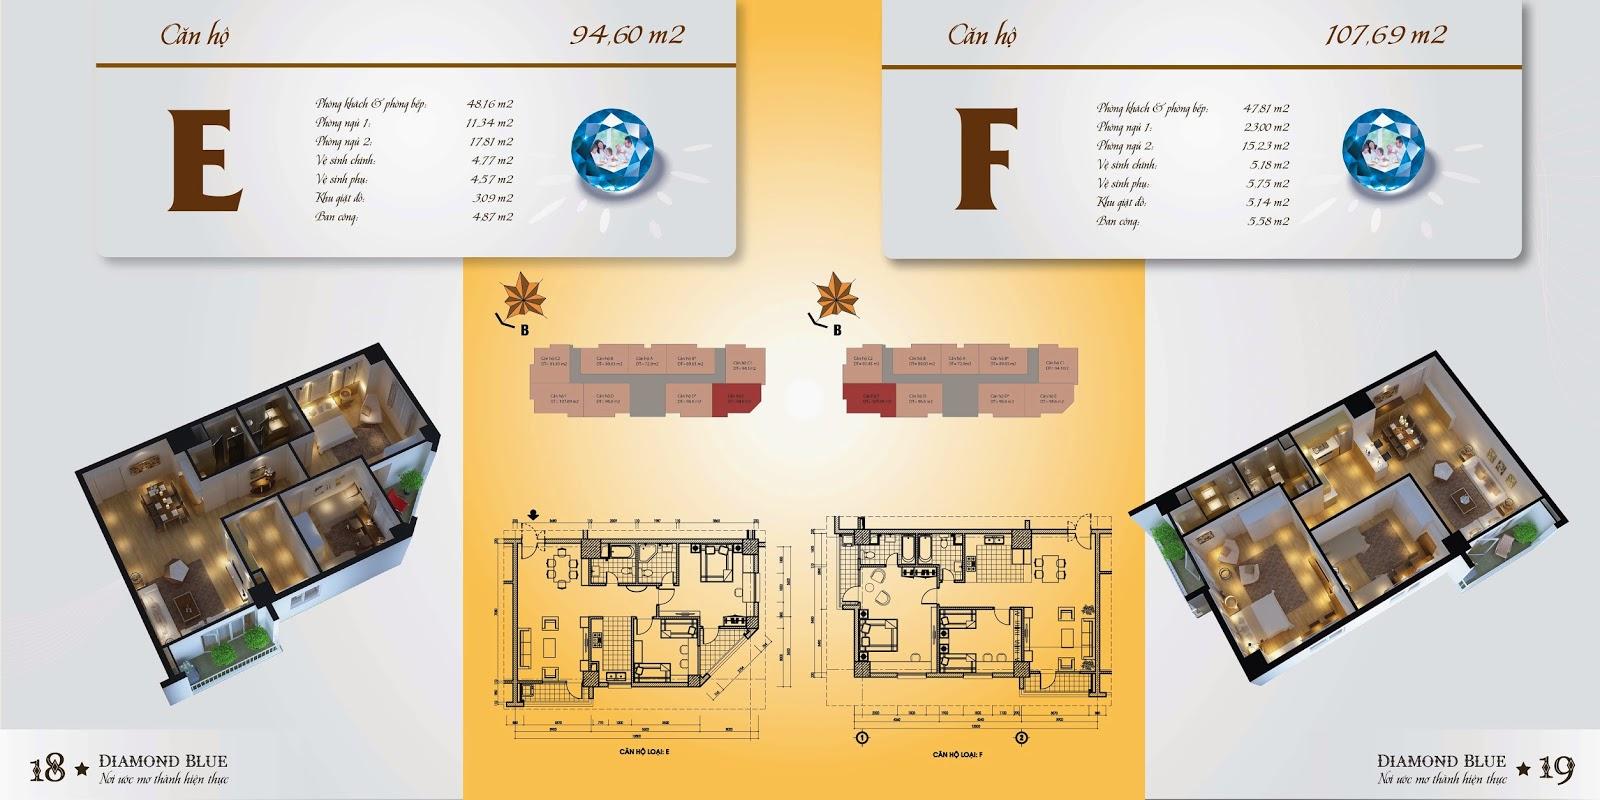 Thiết kế mặt bằng căn hộ E, F